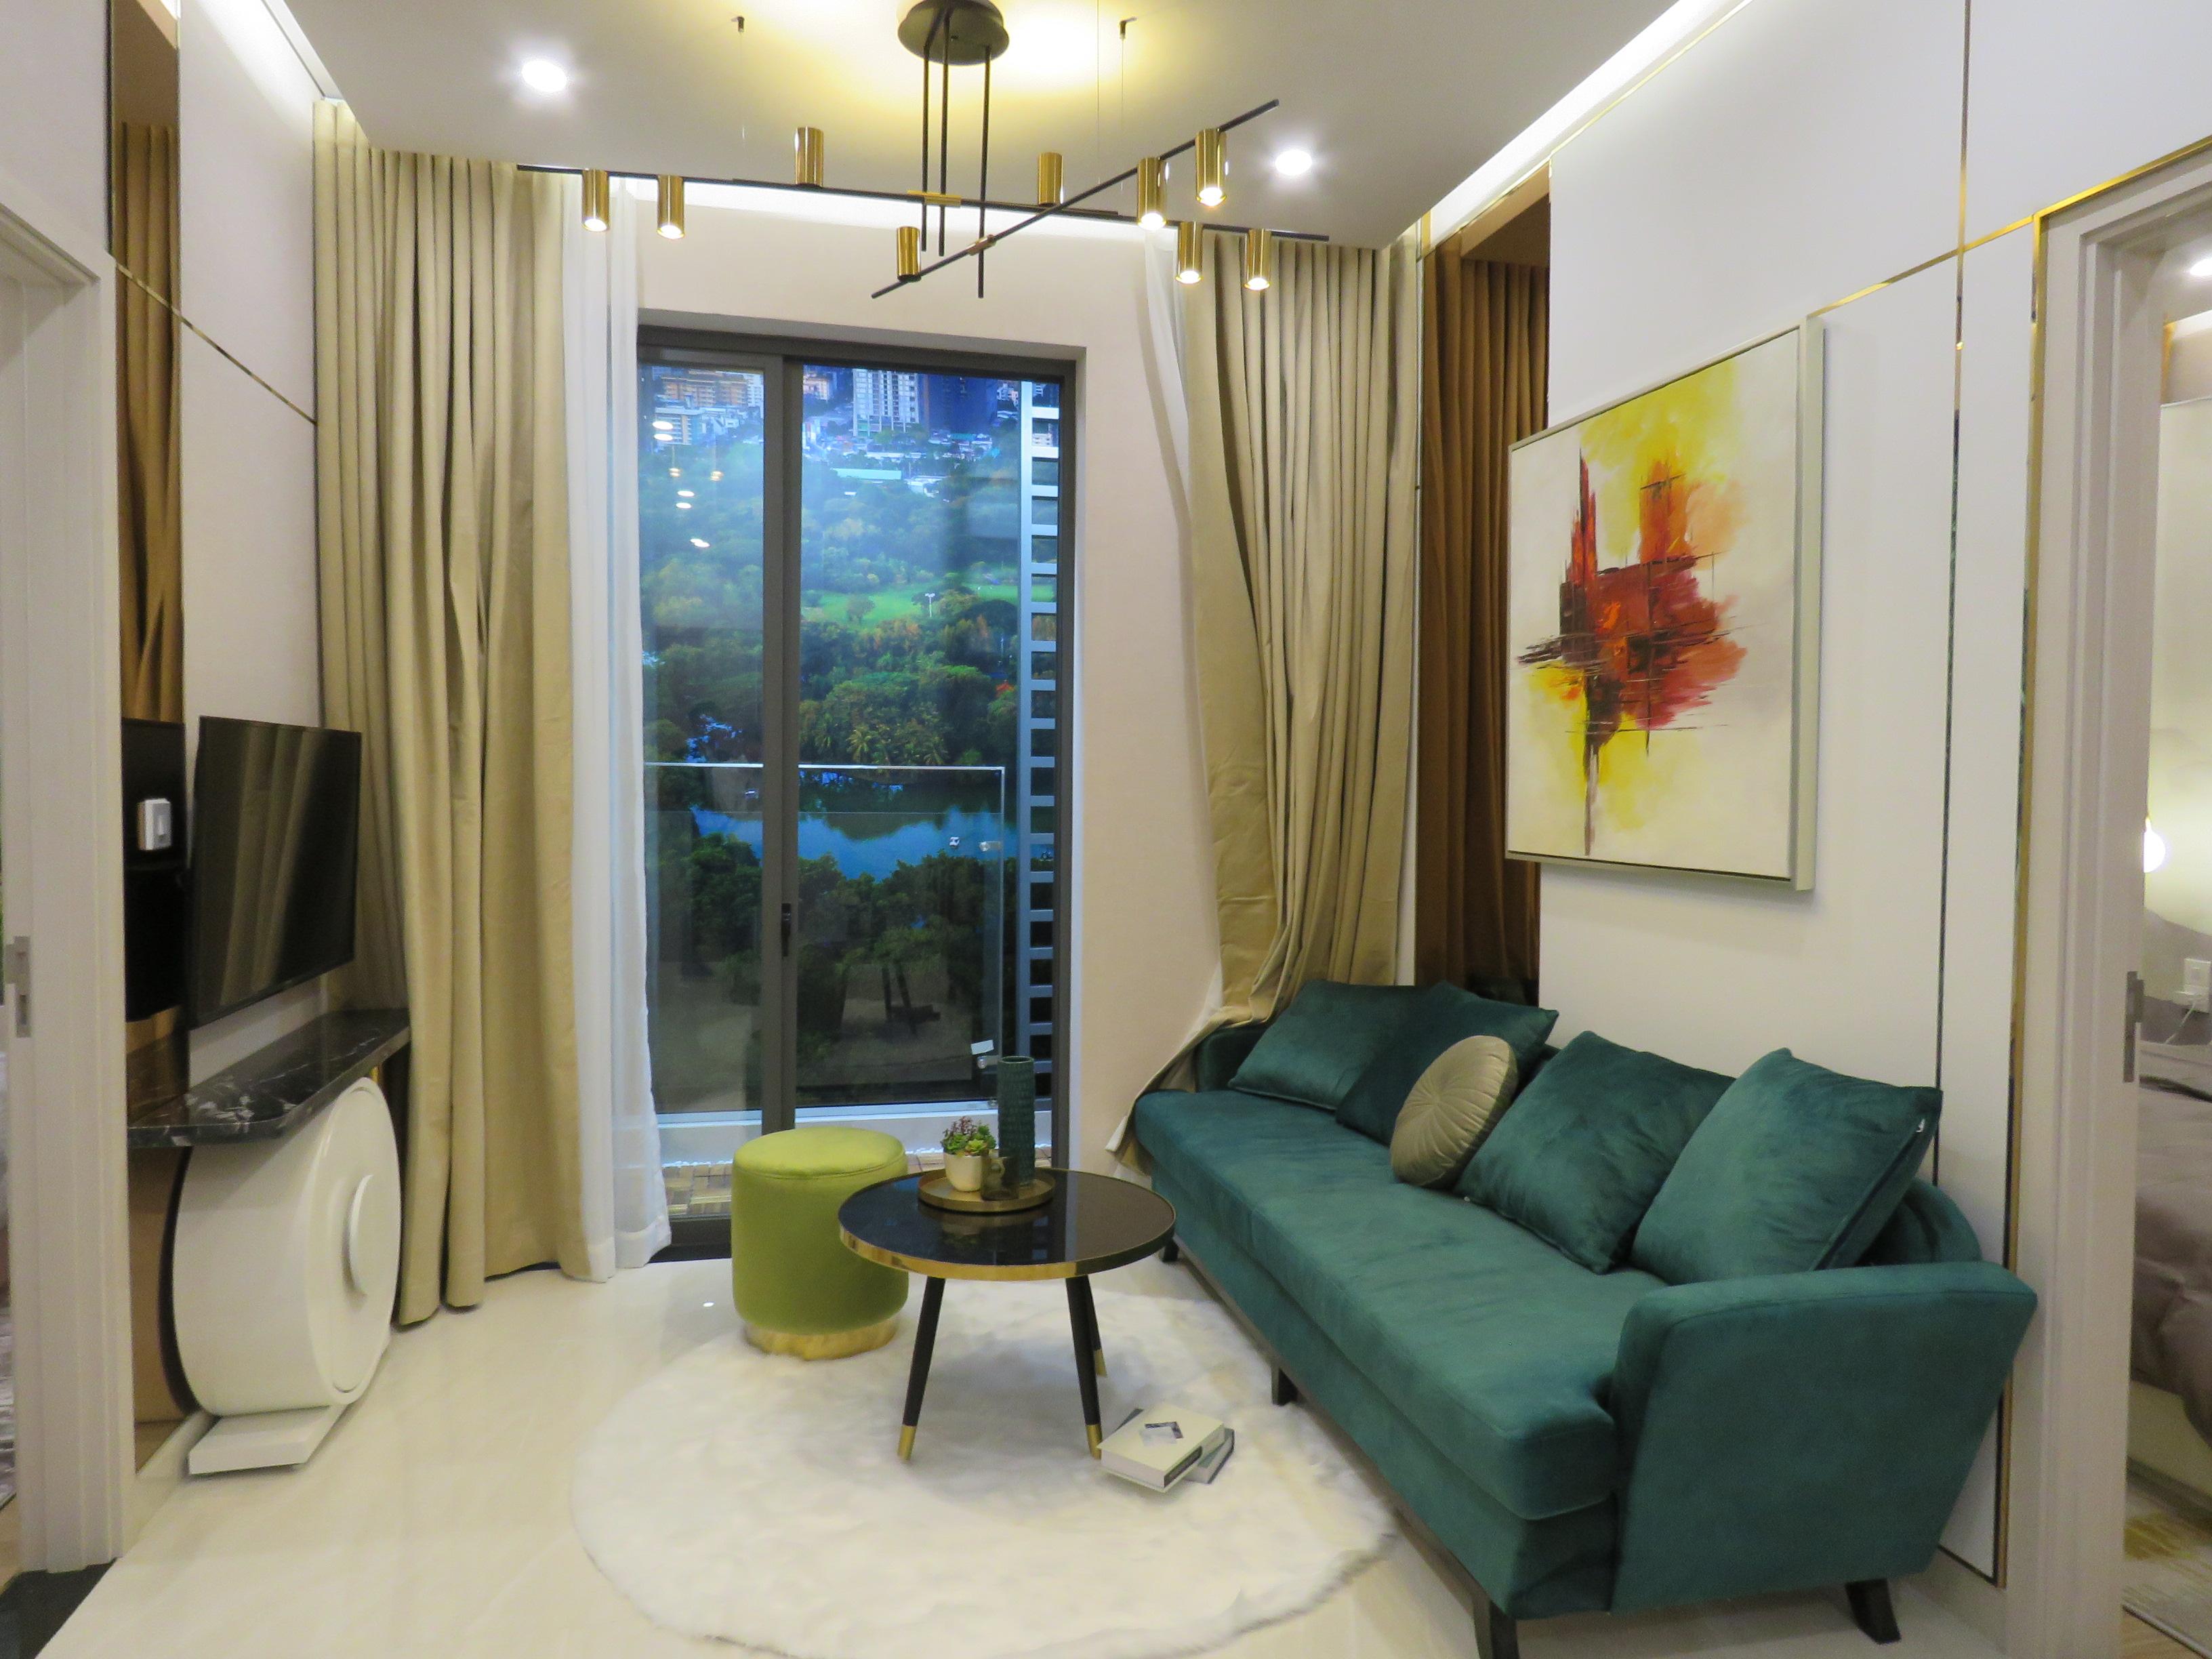 Với 2 tỷ, bạn dễ dàng hơn trong việc tìm mua một căn hộ chung cư ở nội thành Sài Gòn